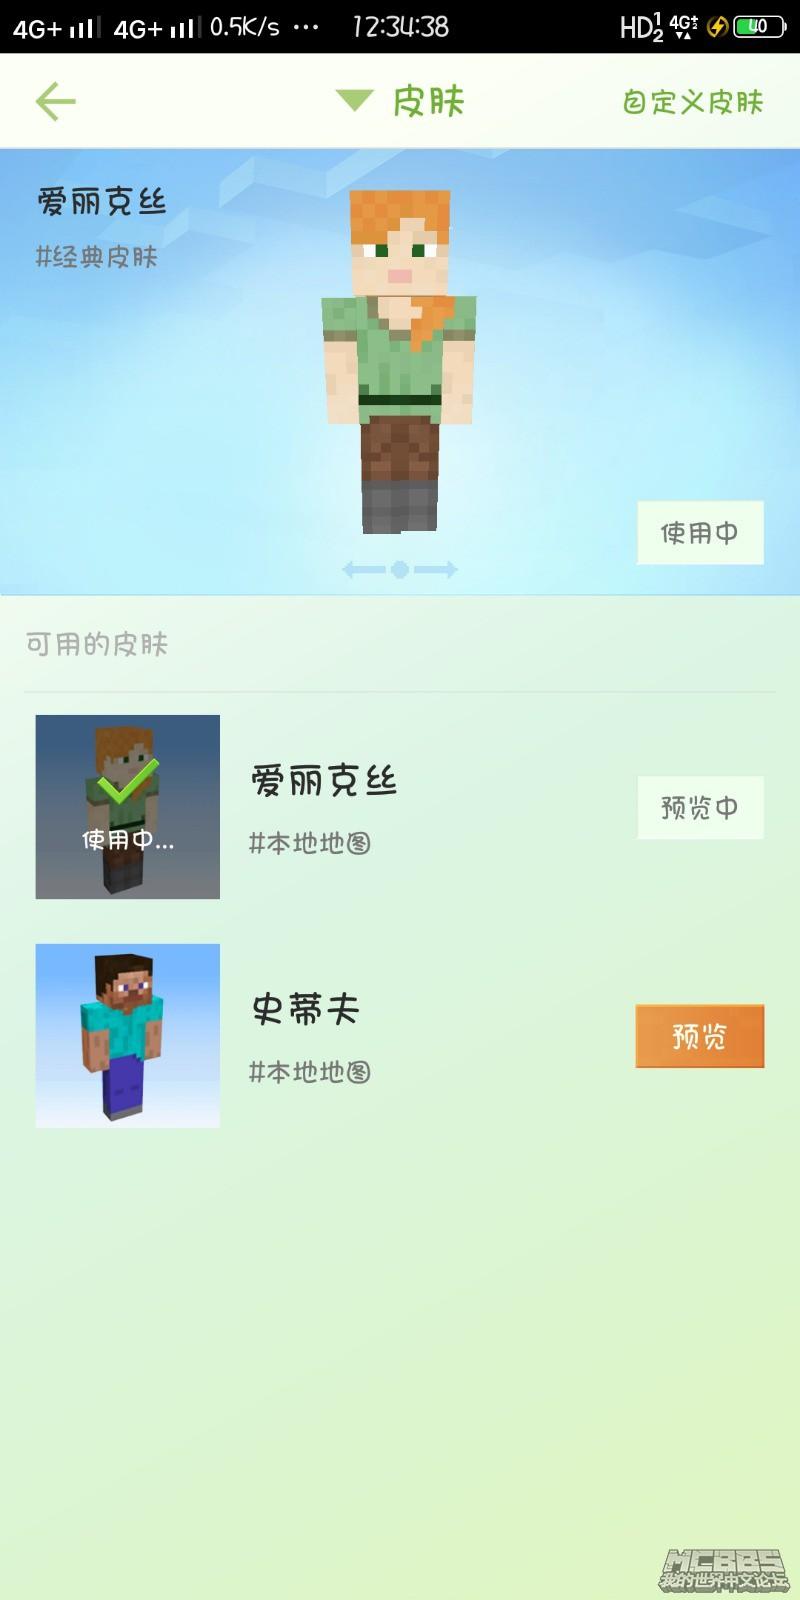 Screenshot_20181118_123439.jpg